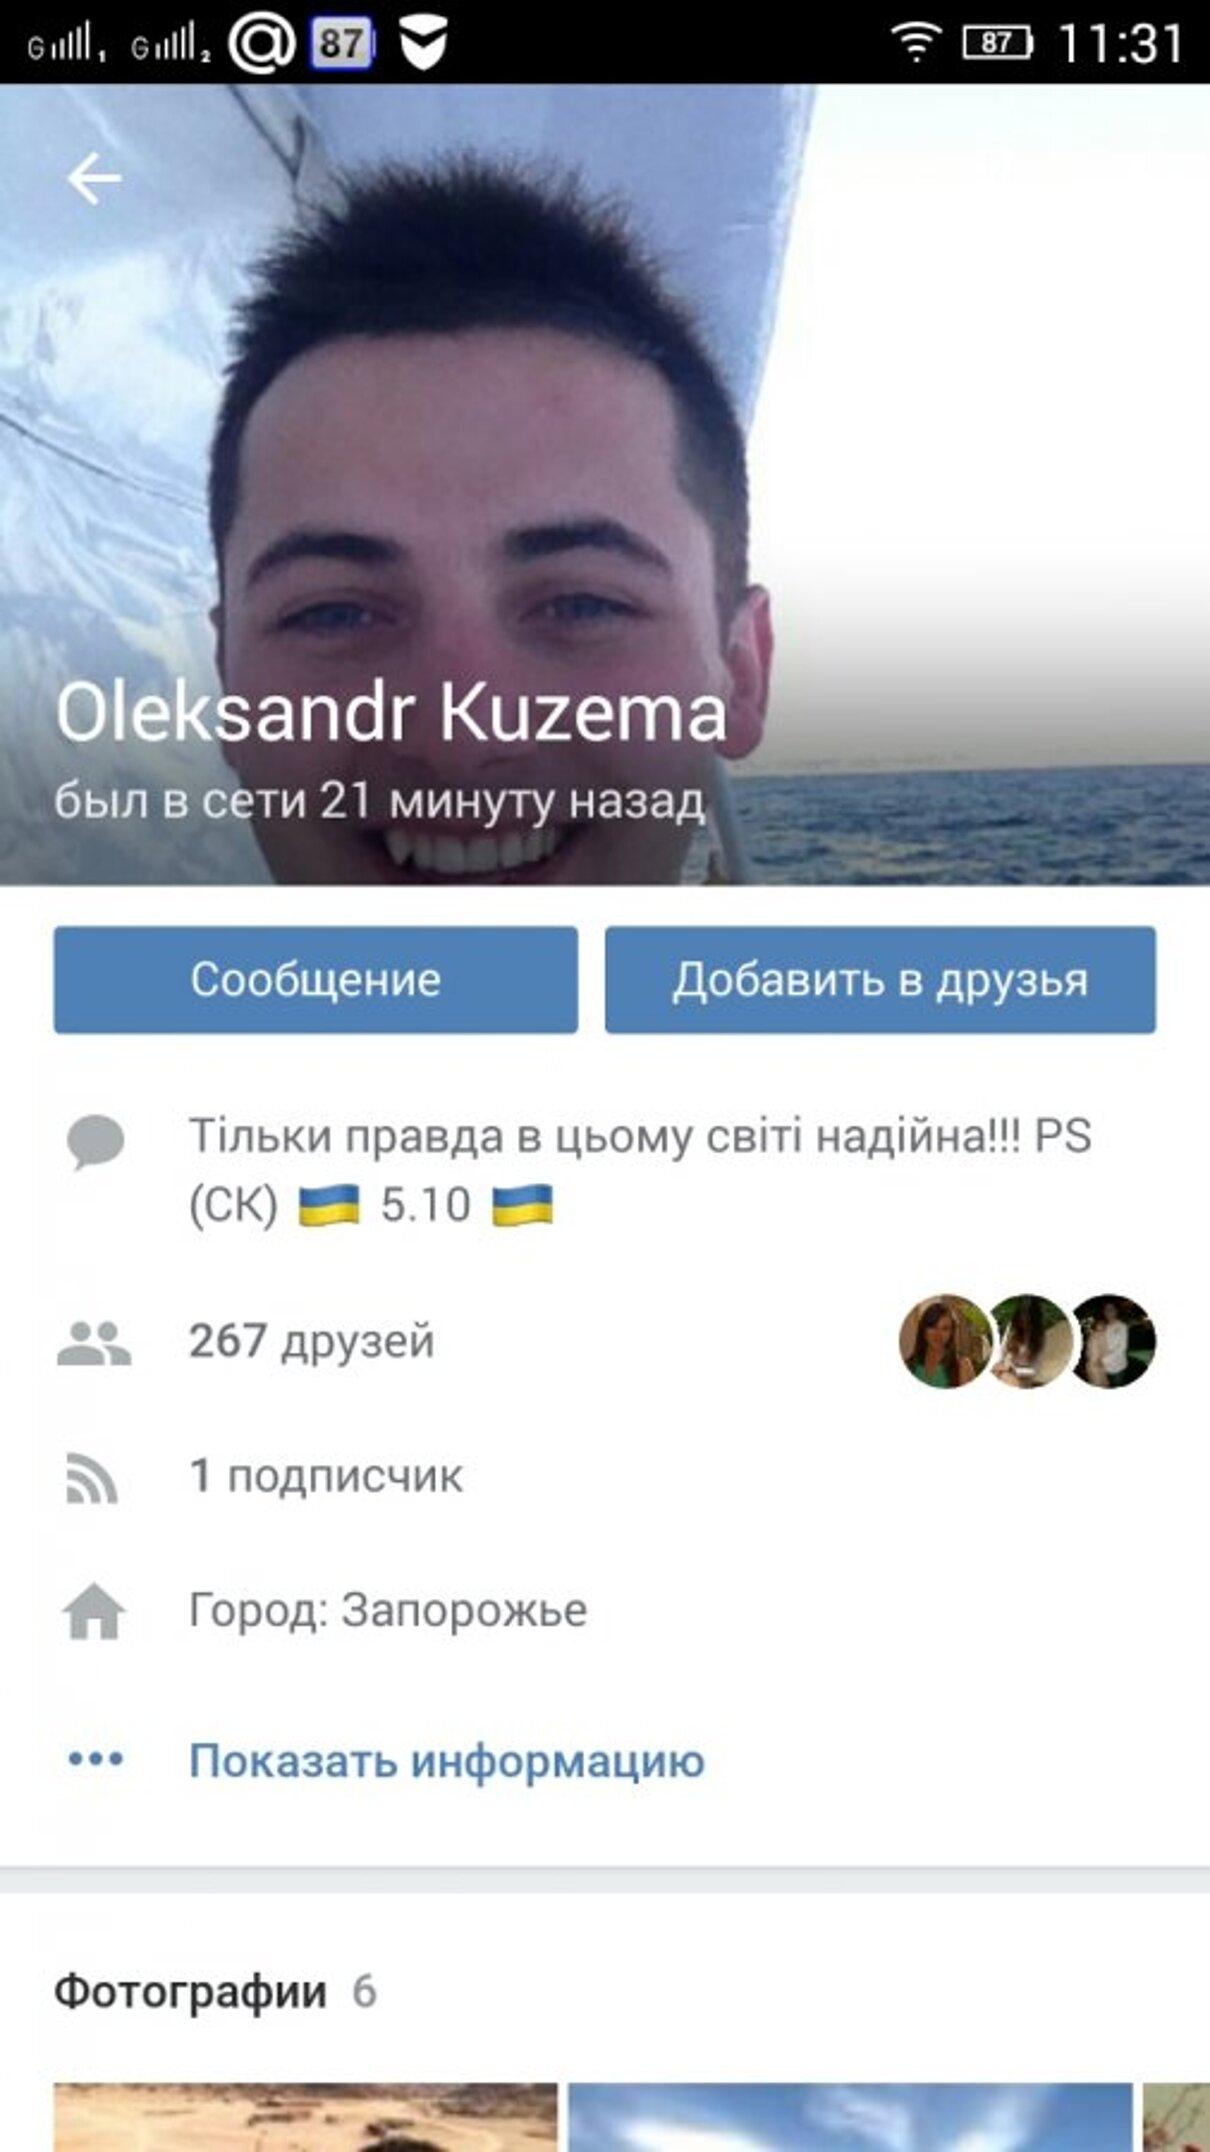 Жалоба-отзыв: Кузема Олександр 0971007048 - Аферист продаёт не то что вам подходит.  Фото №1